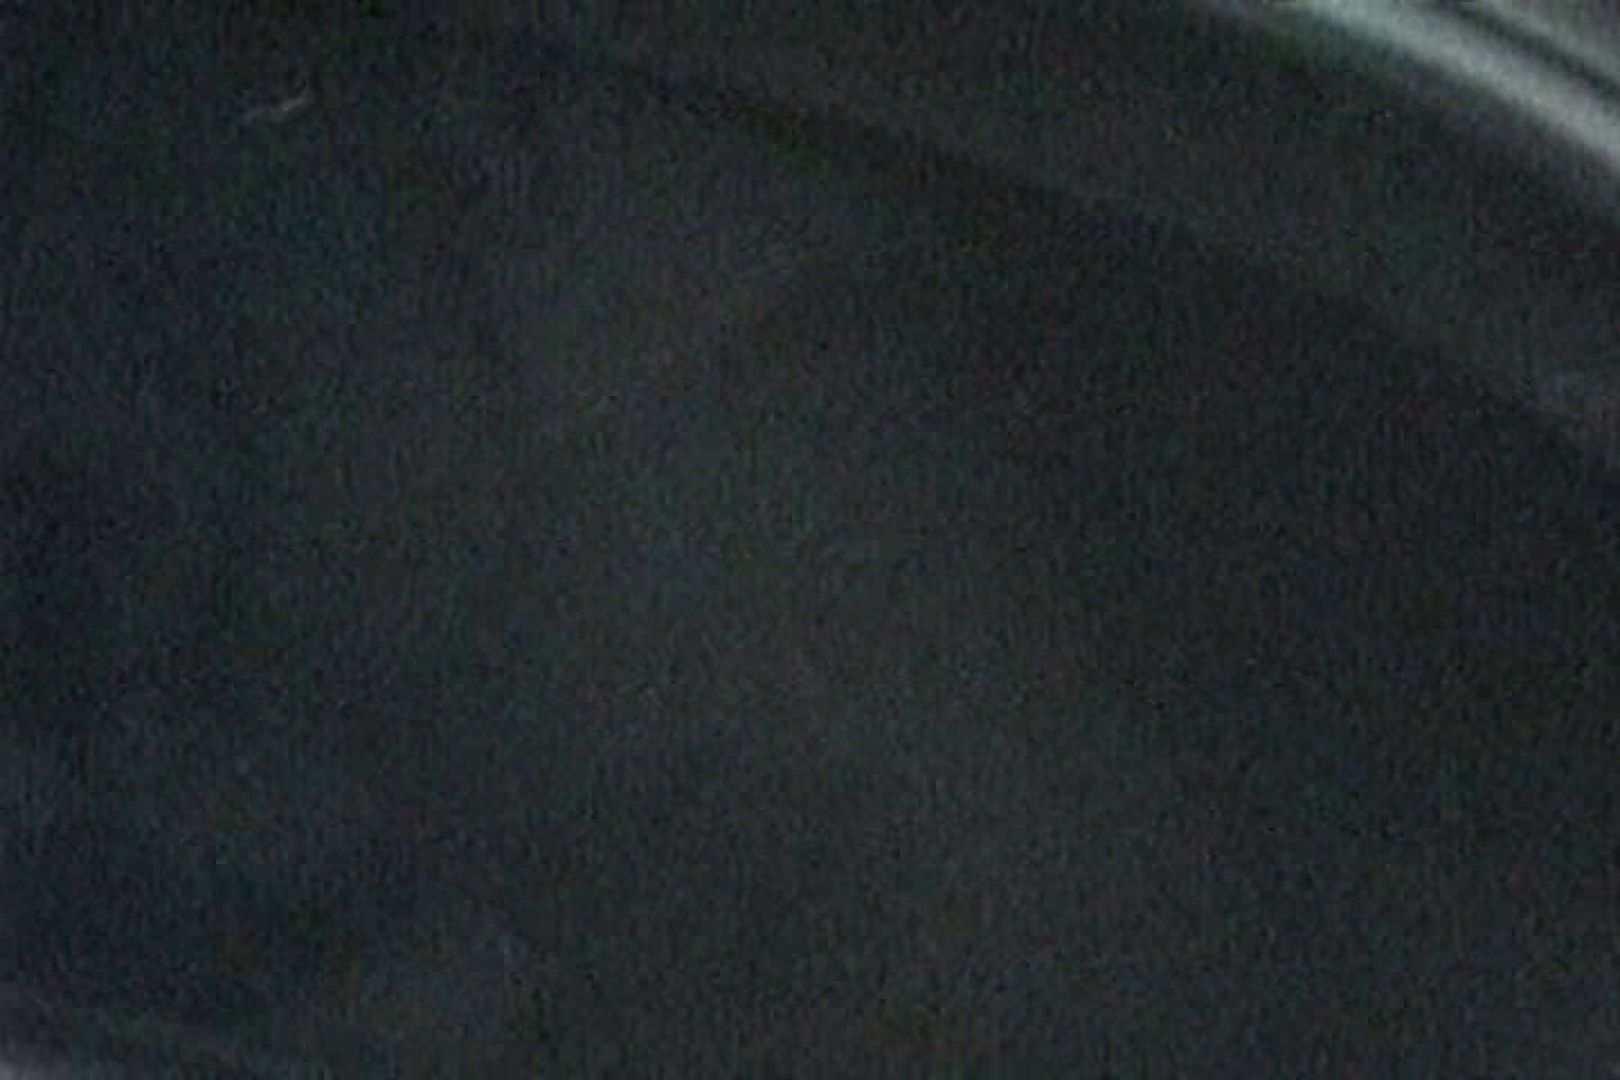 充血監督の深夜の運動会Vol.159 ぽっちゃり | OLの実態  60pic 19